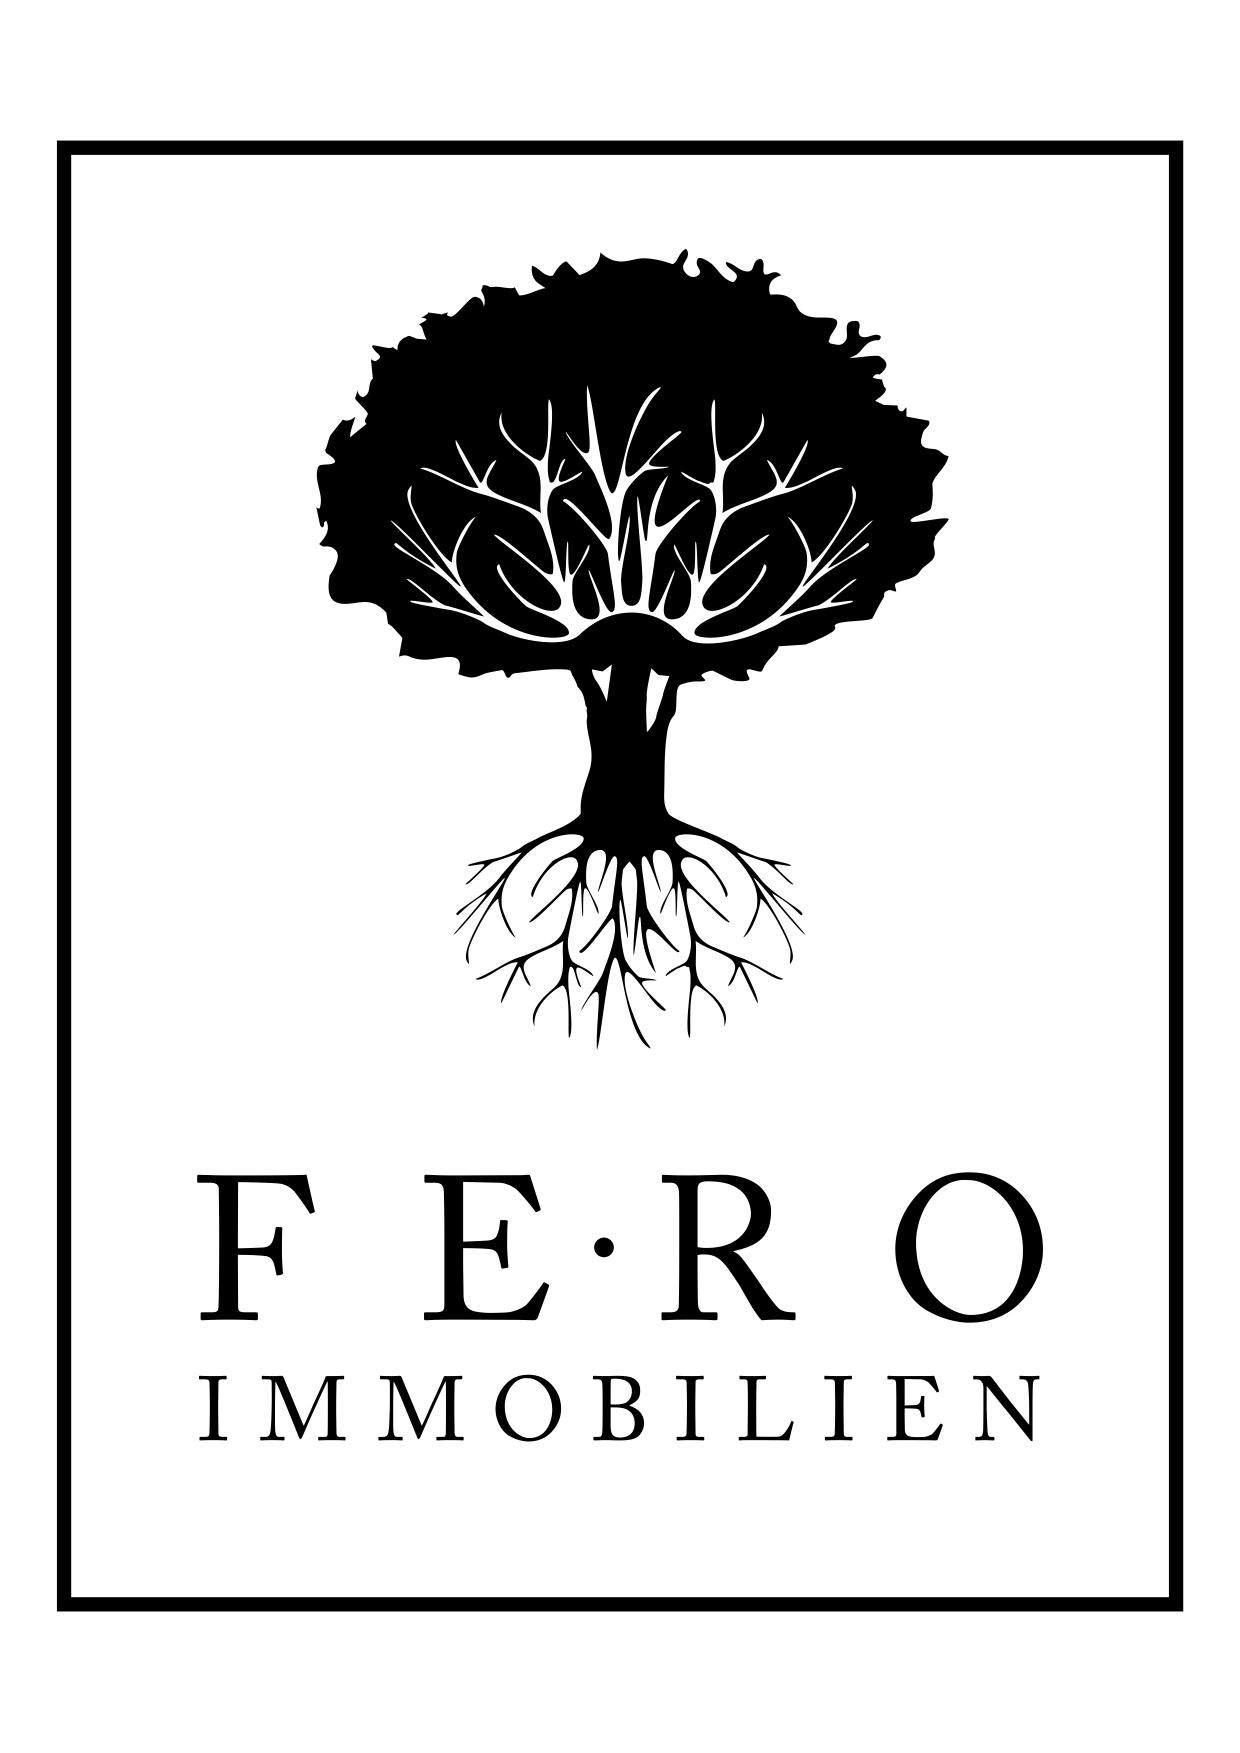 Hier sehen Sie das Logo von FERO Immobilien GmbH